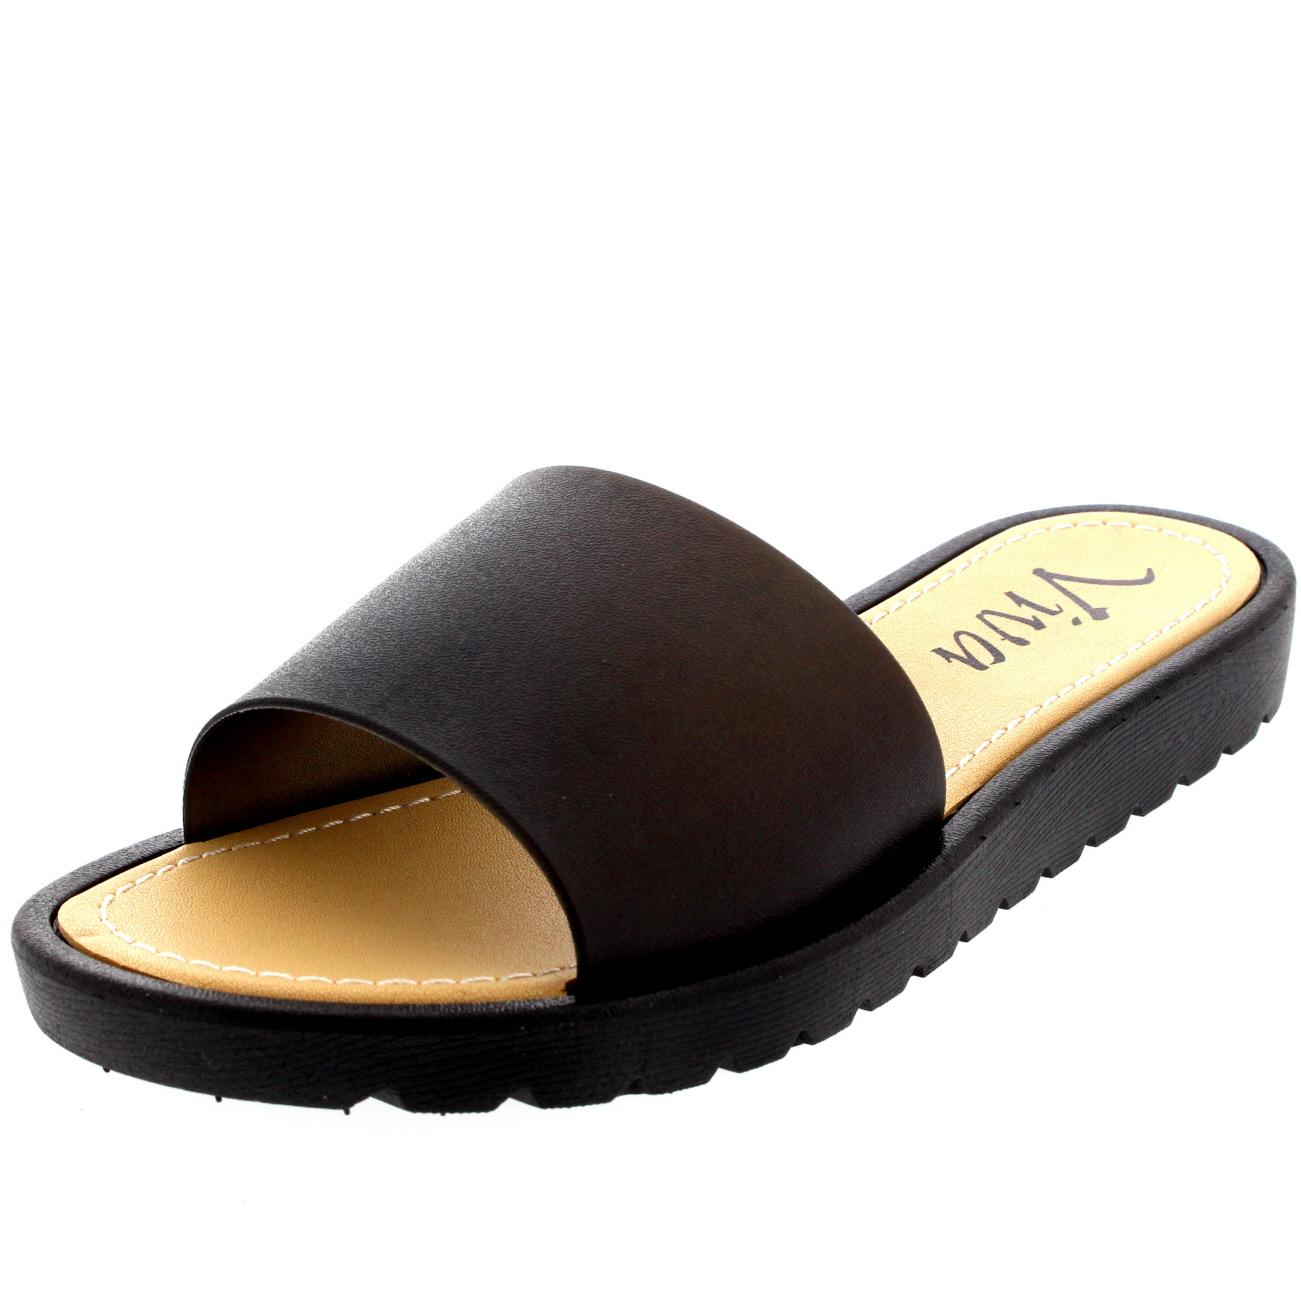 Ladies Pool Sliders Peep Toe Summer Holiday Shoes Flatform ...